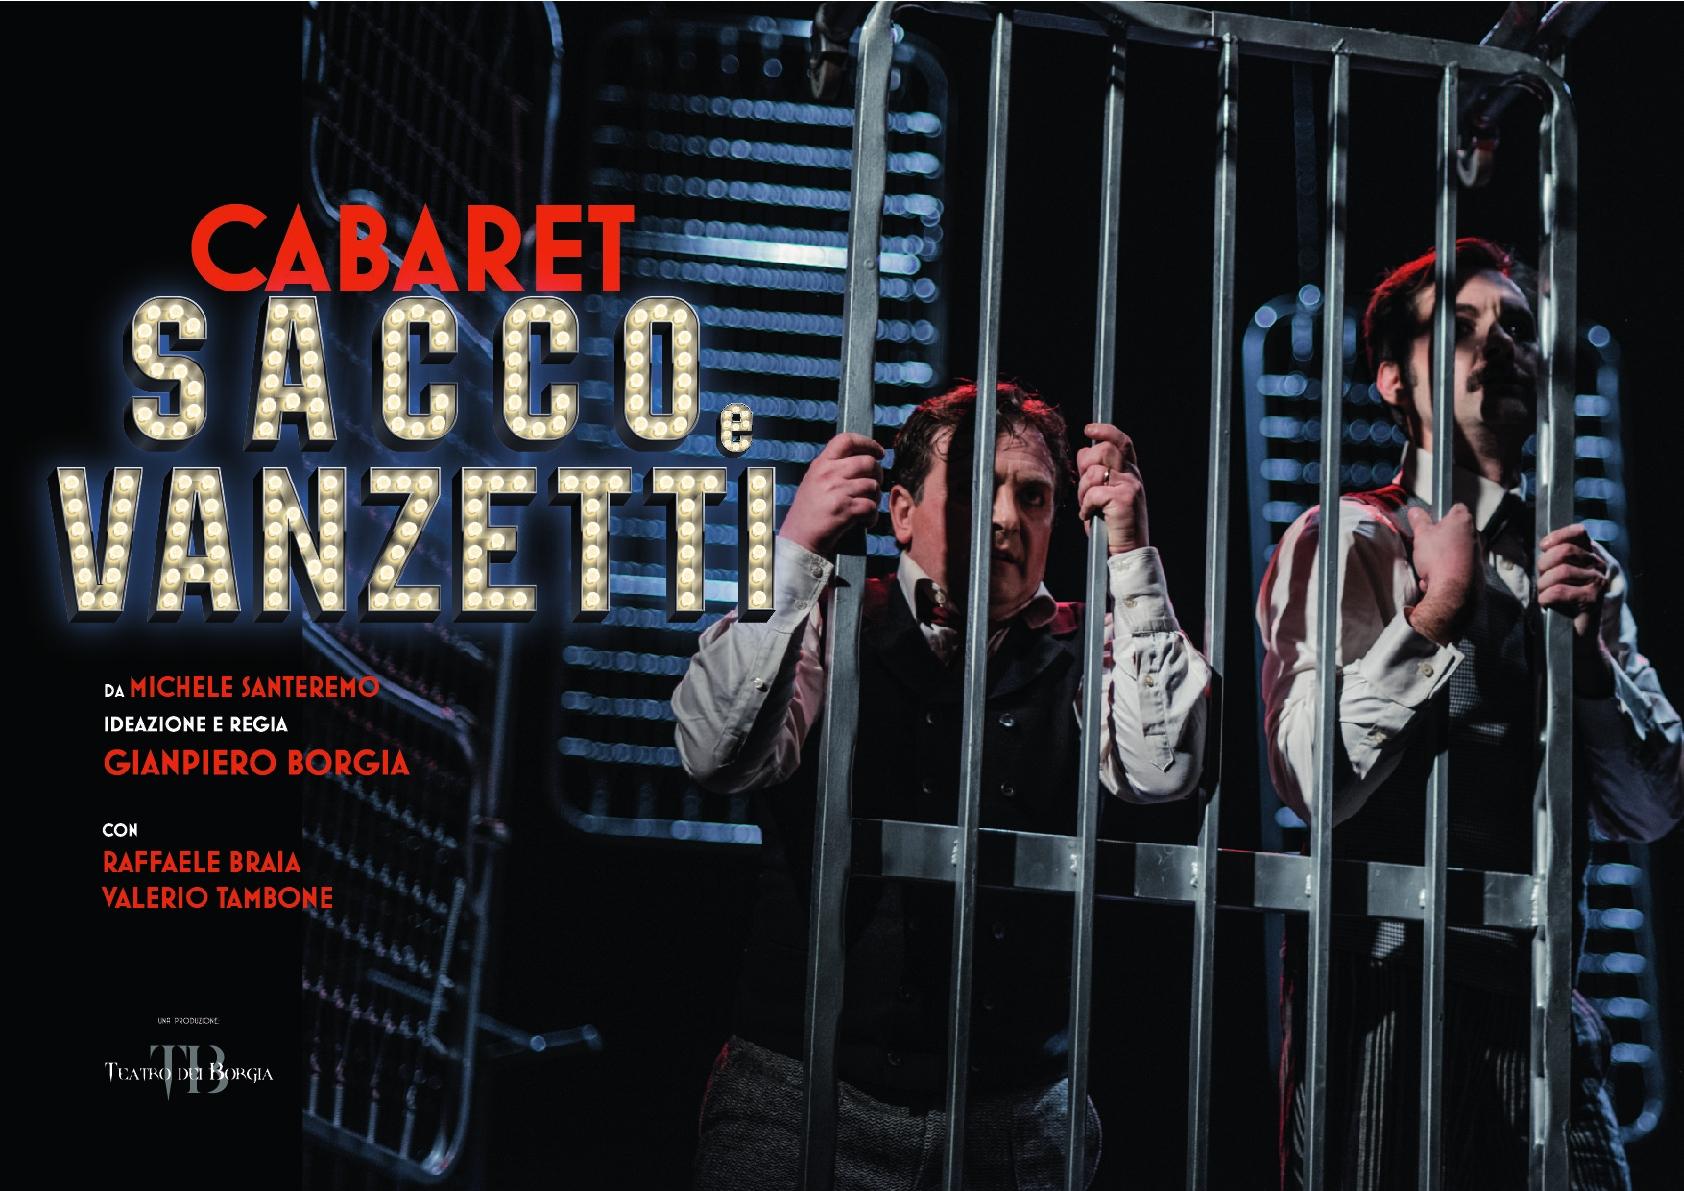 locandina Cabaret Sacco e Vanzetti1